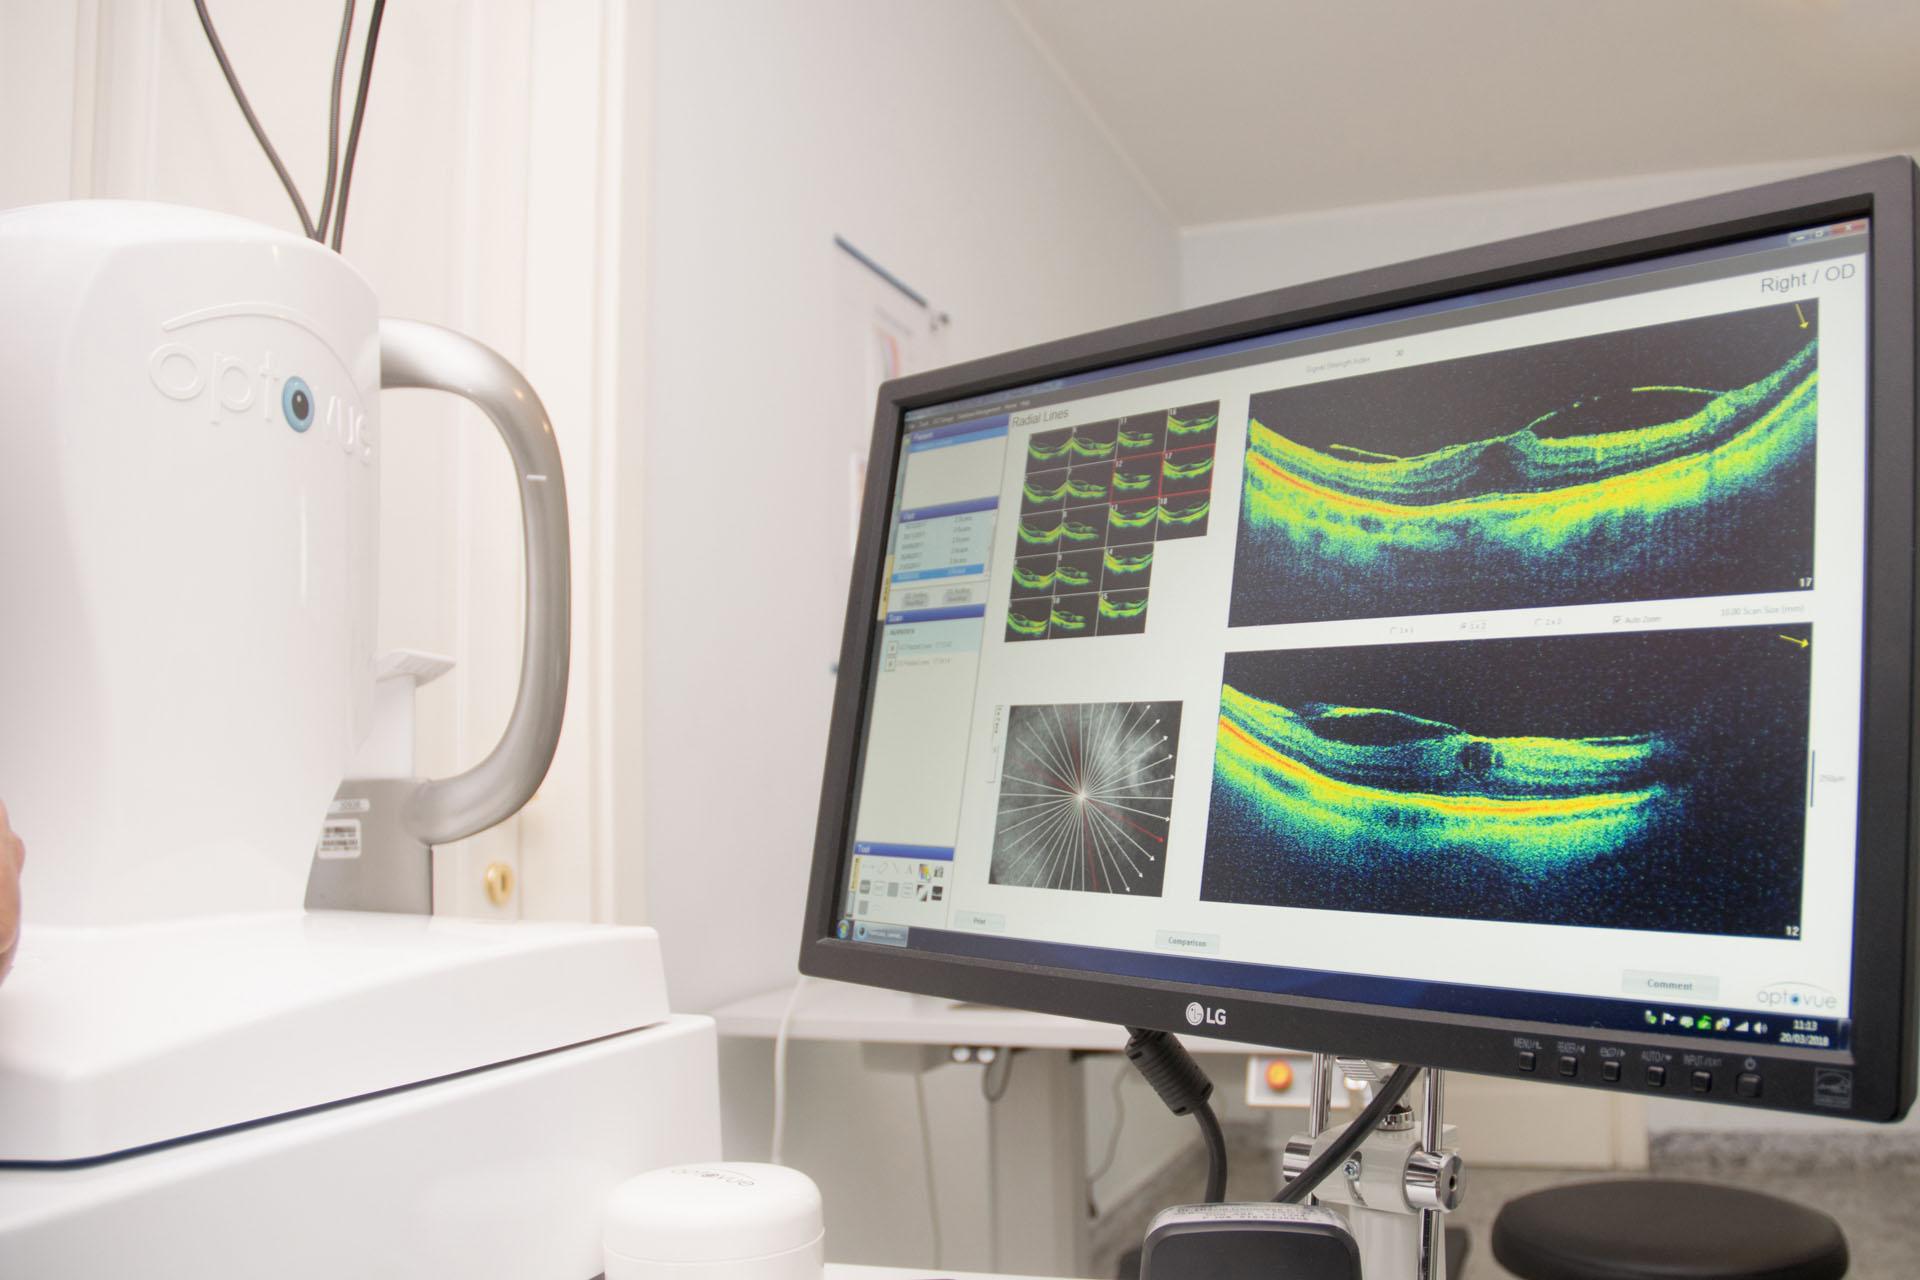 71547bd16 L'esame all'occhio, viene eseguito direttamente presso il nostro studio  oculistico a Gela che dispone di OCT e Angio-OCT di ultima generazione.